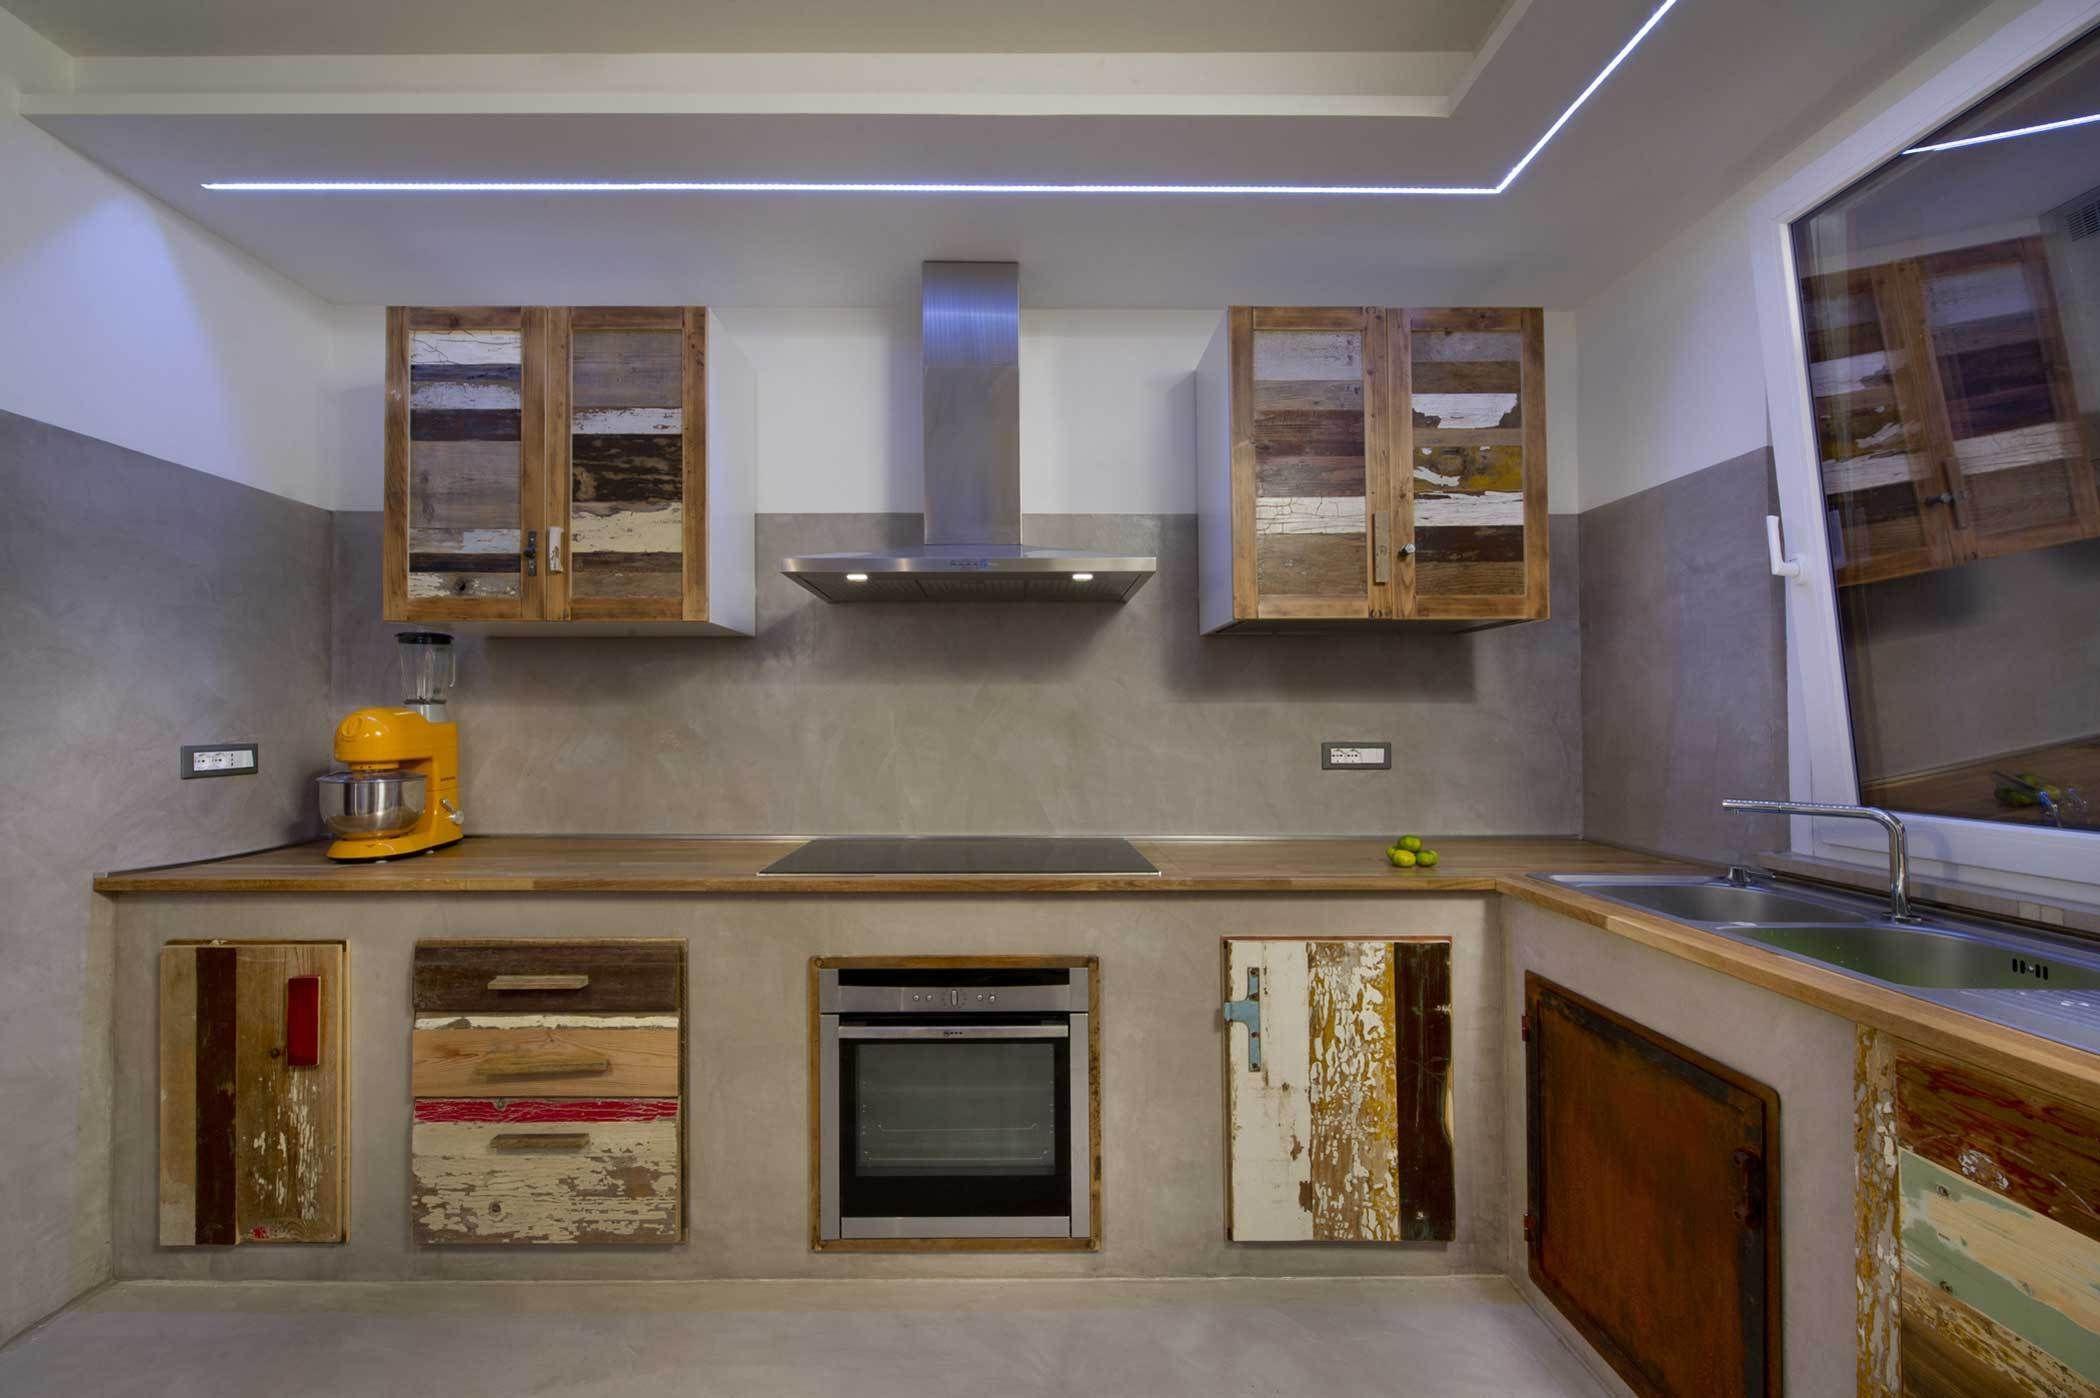 Progetta la tua cucina artigianale su misura | Laquercia21 ...